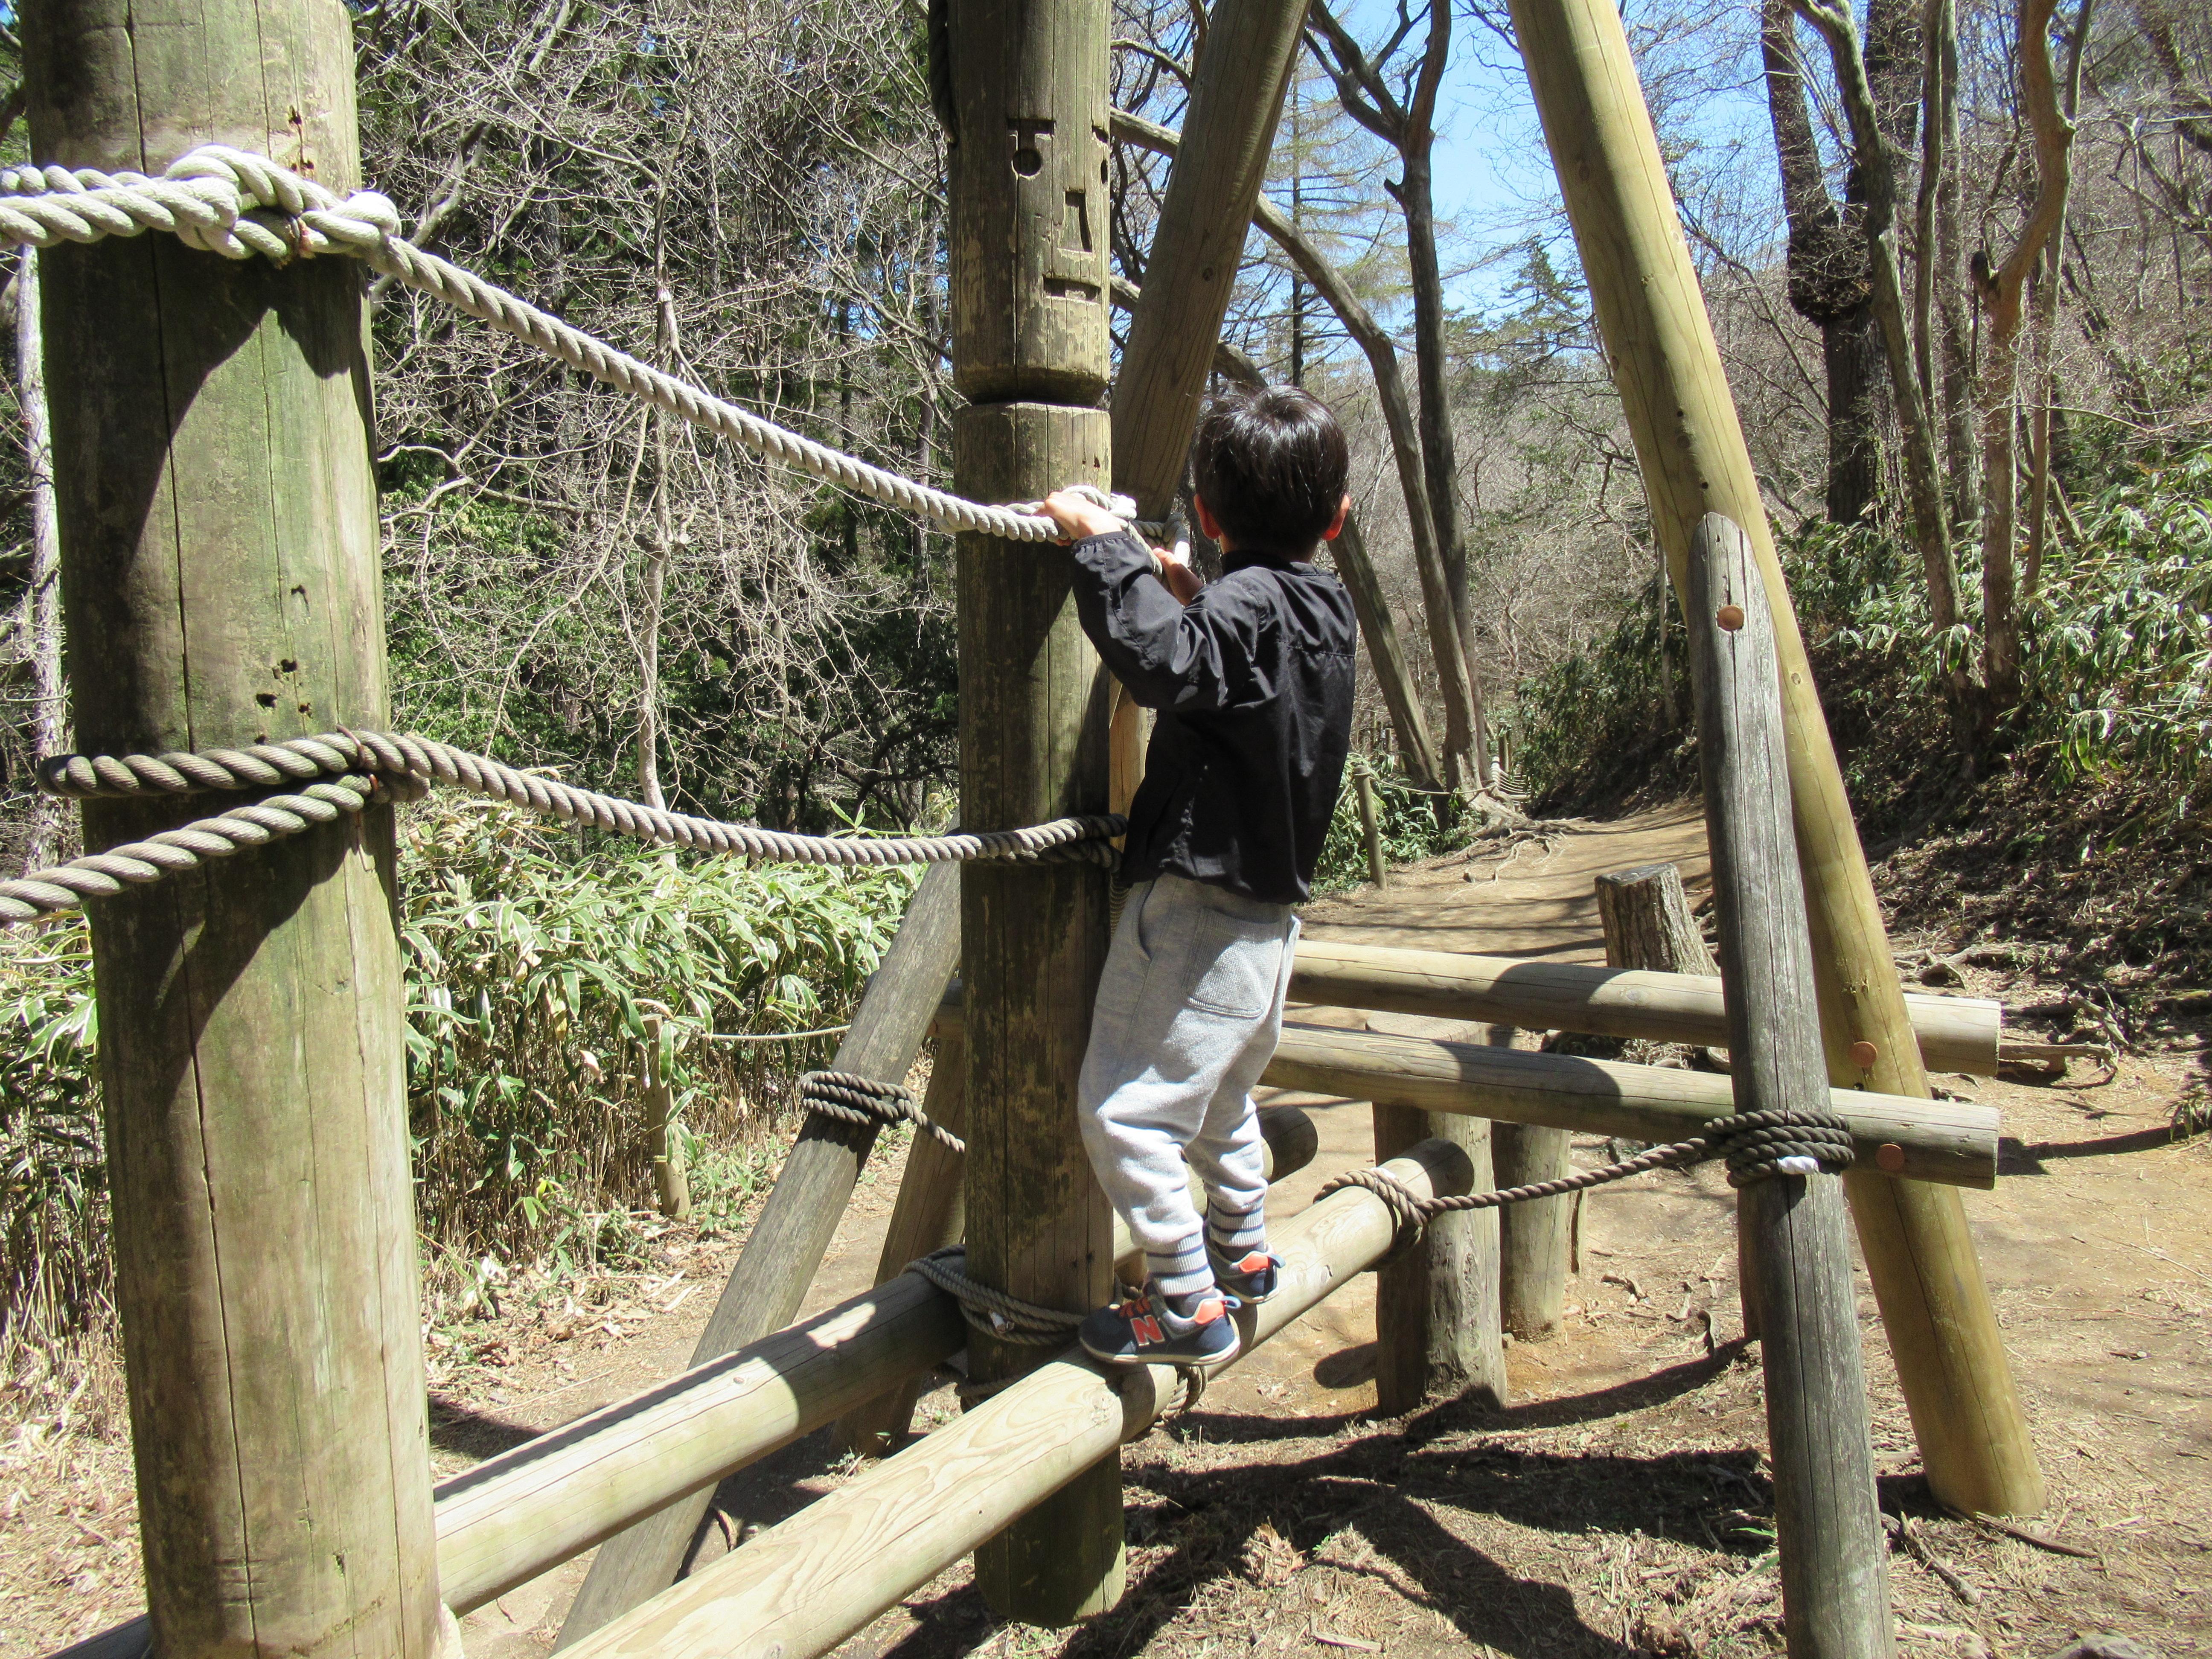 六甲山フィールドアスレチックは何歳から?楽しめる年齢と持ち物